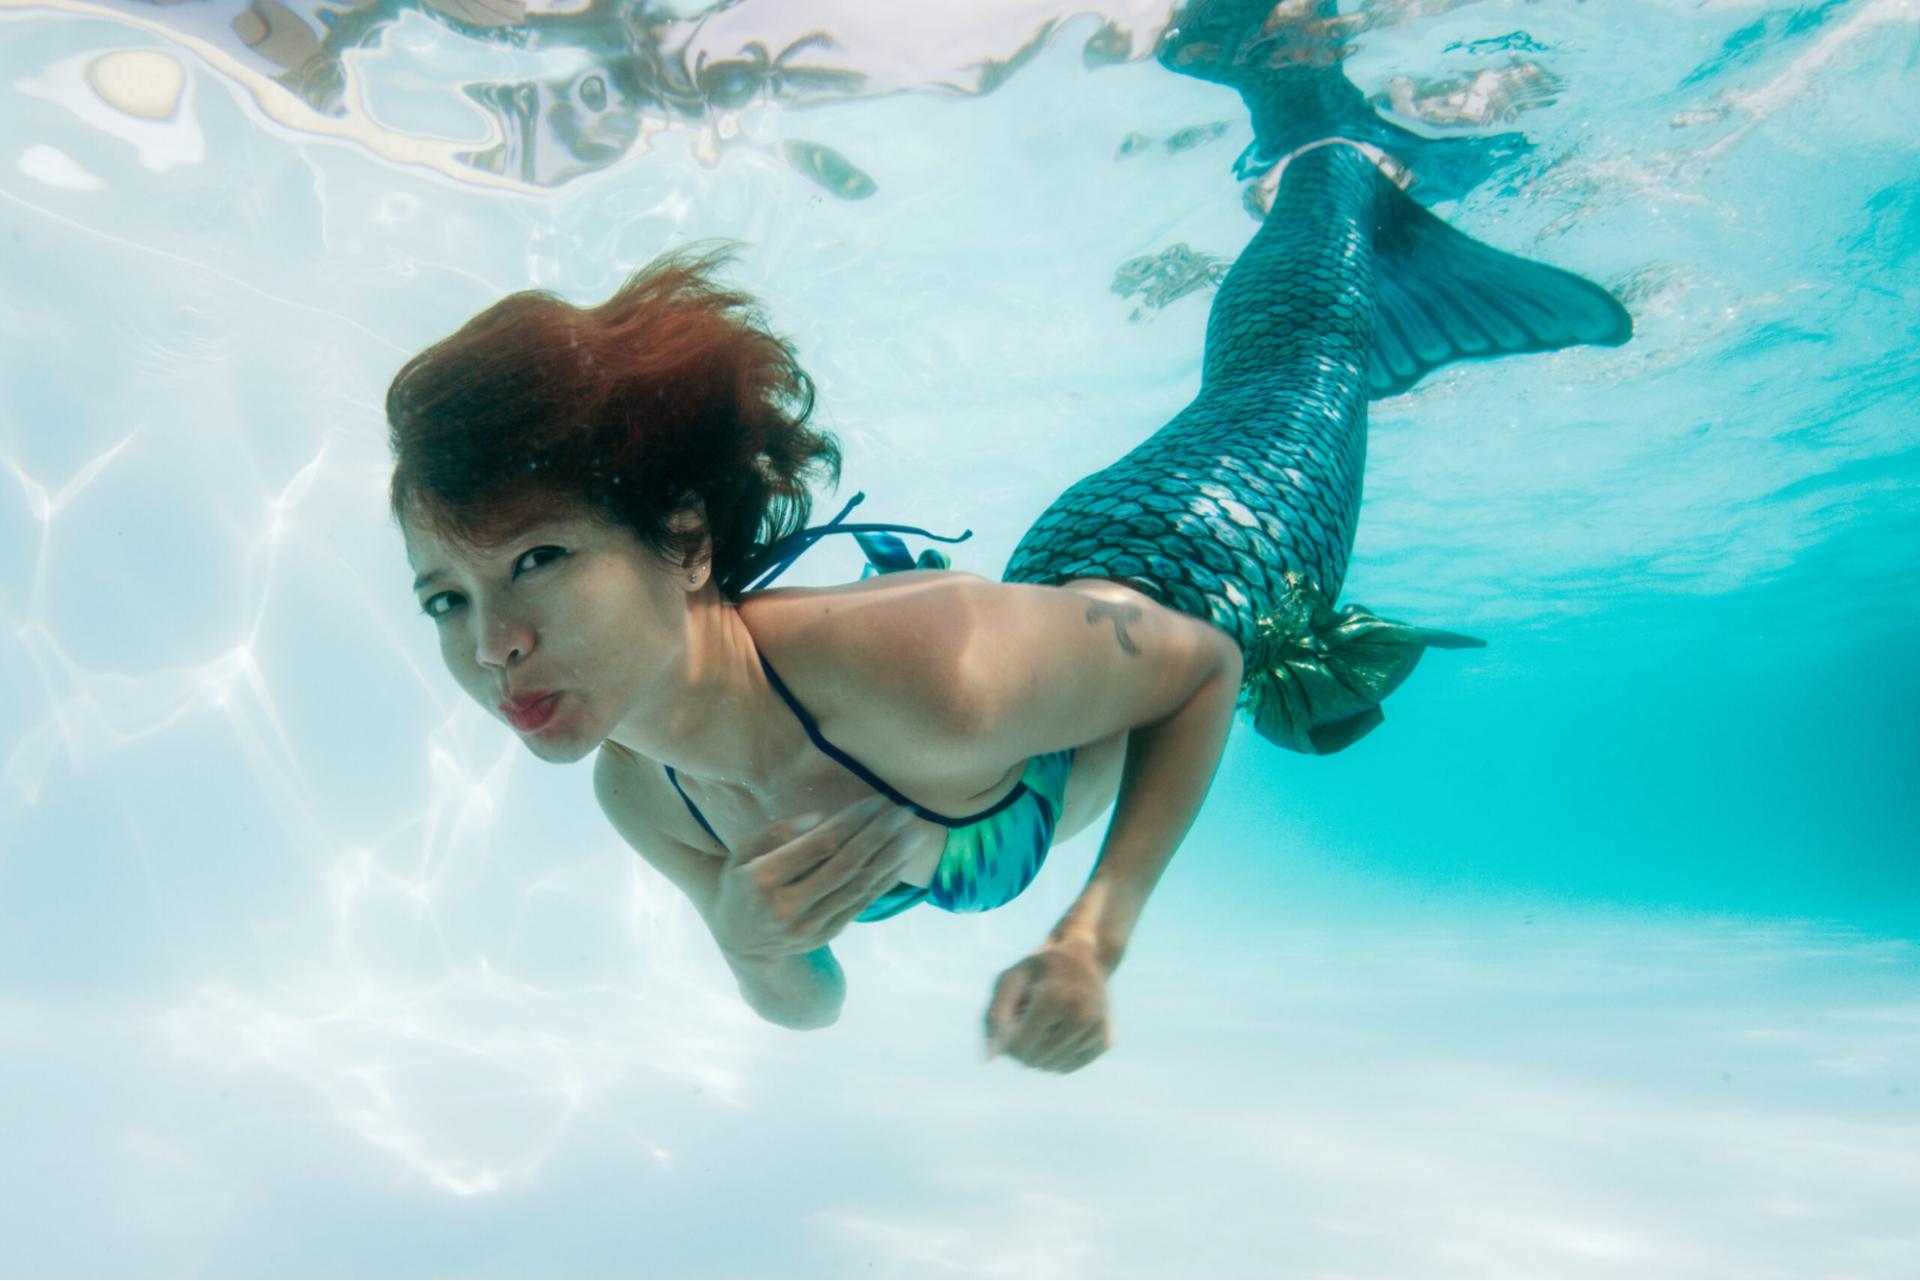 Khi bơi mở mắt dưới nước có sao không?